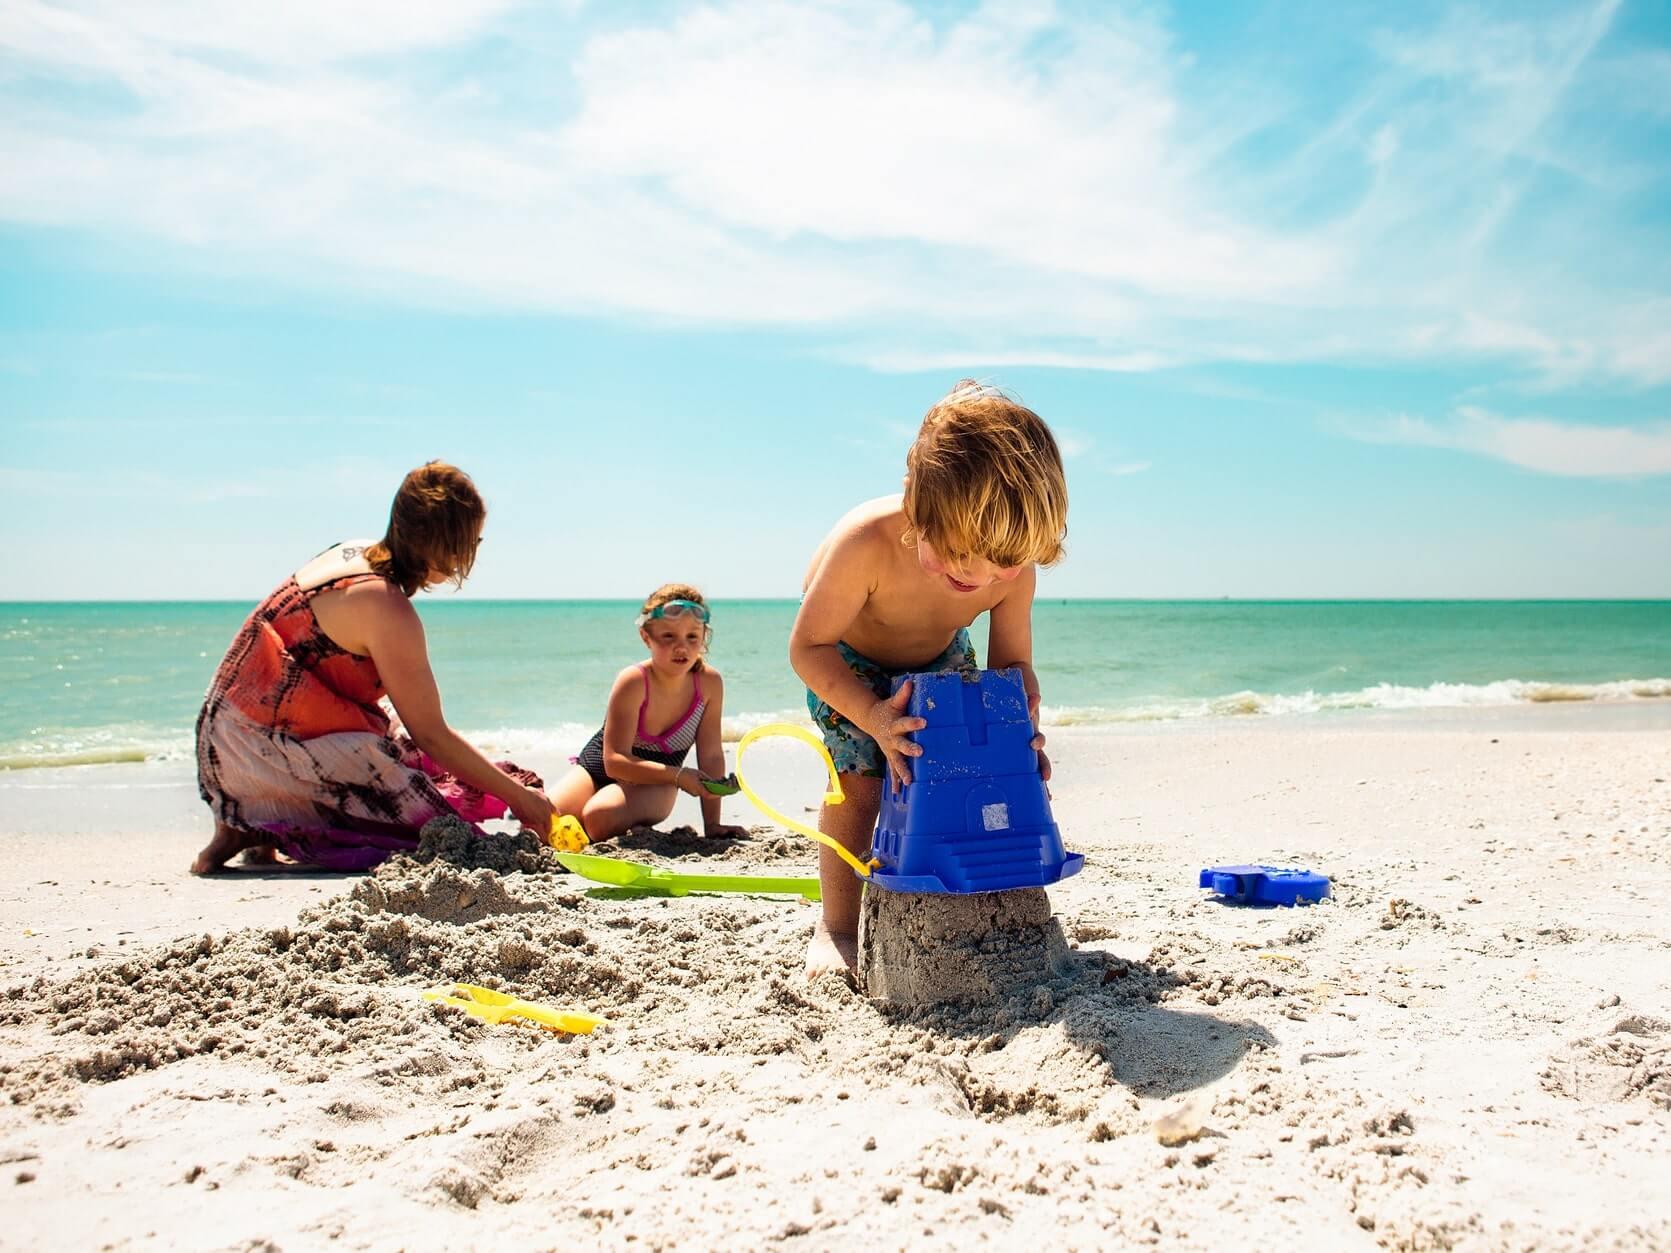 Цены на отели для отдыха с детьми в Анталии